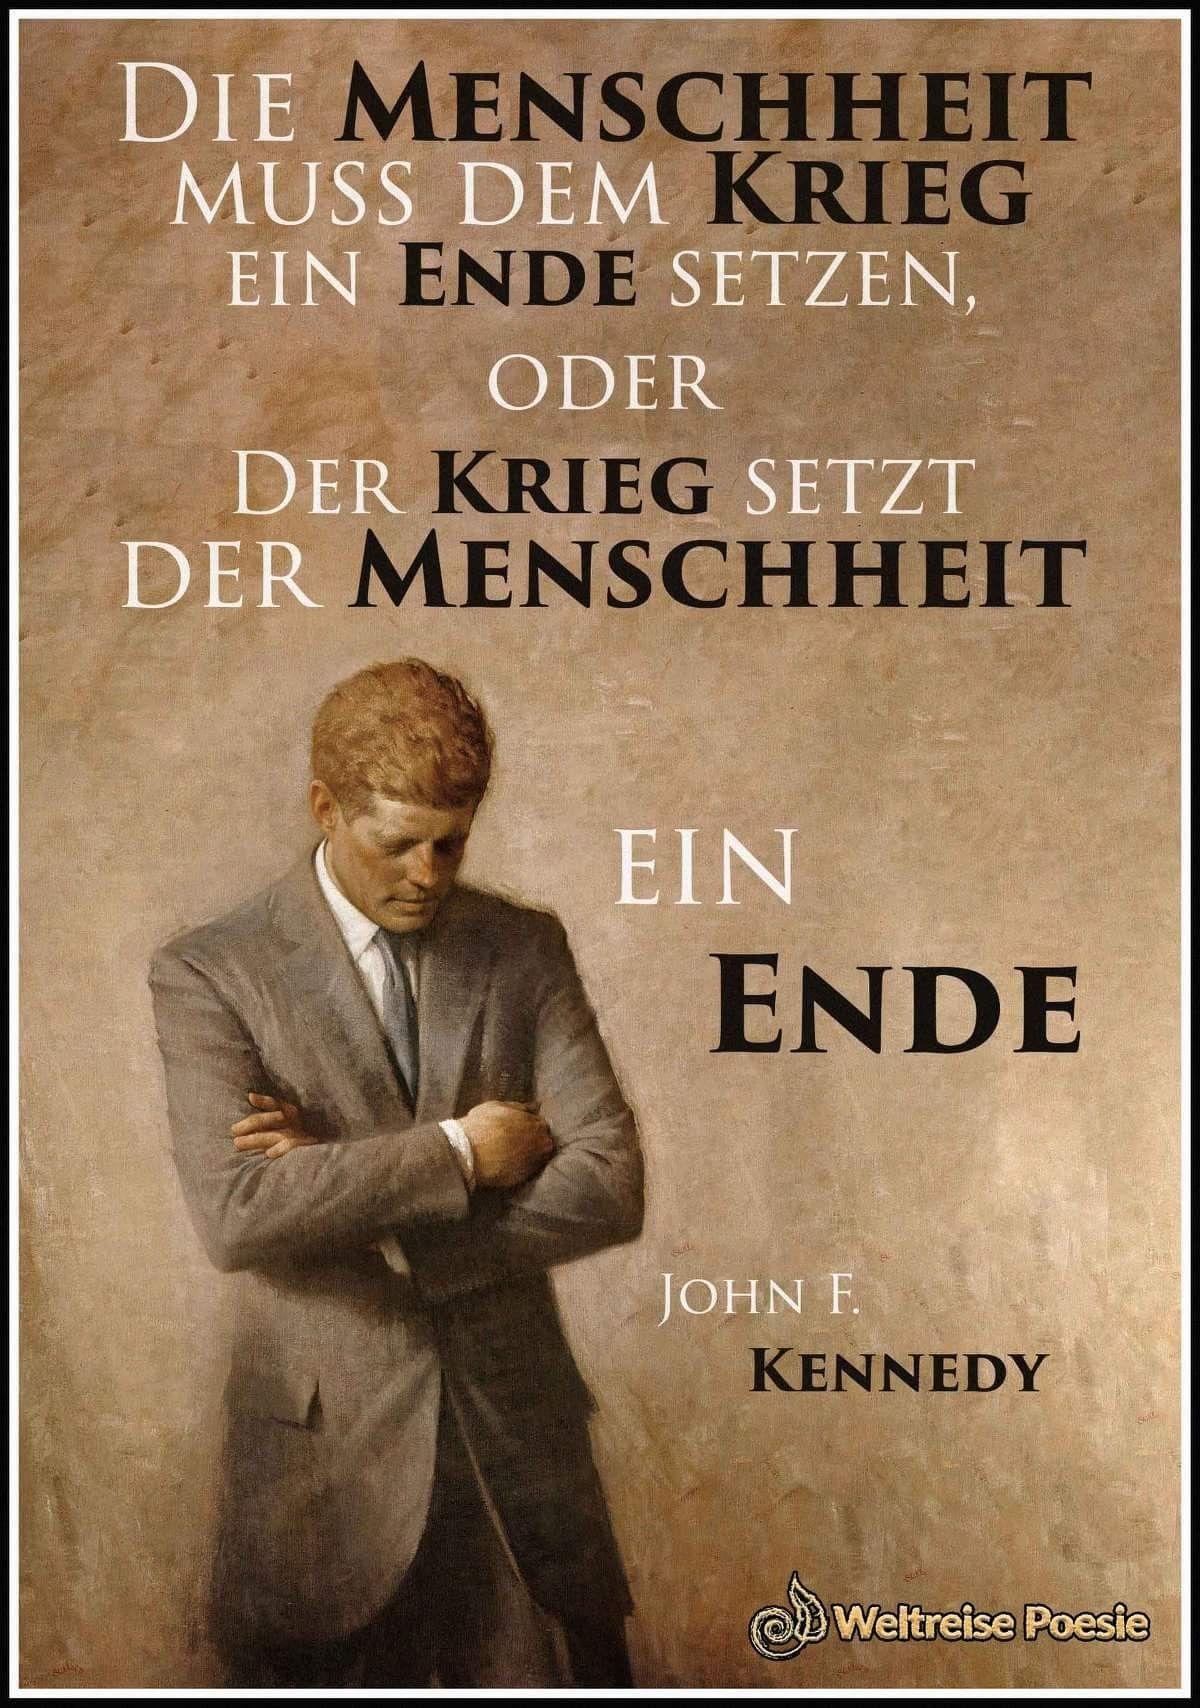 Komisch Die Amis Hatten Sie Nicht Schon Den Krieg Gegen Deutschland Zum Letzten Krieg Ausgerufen Frieden Zitate Weisheiten Zitate Kennedy Zitate